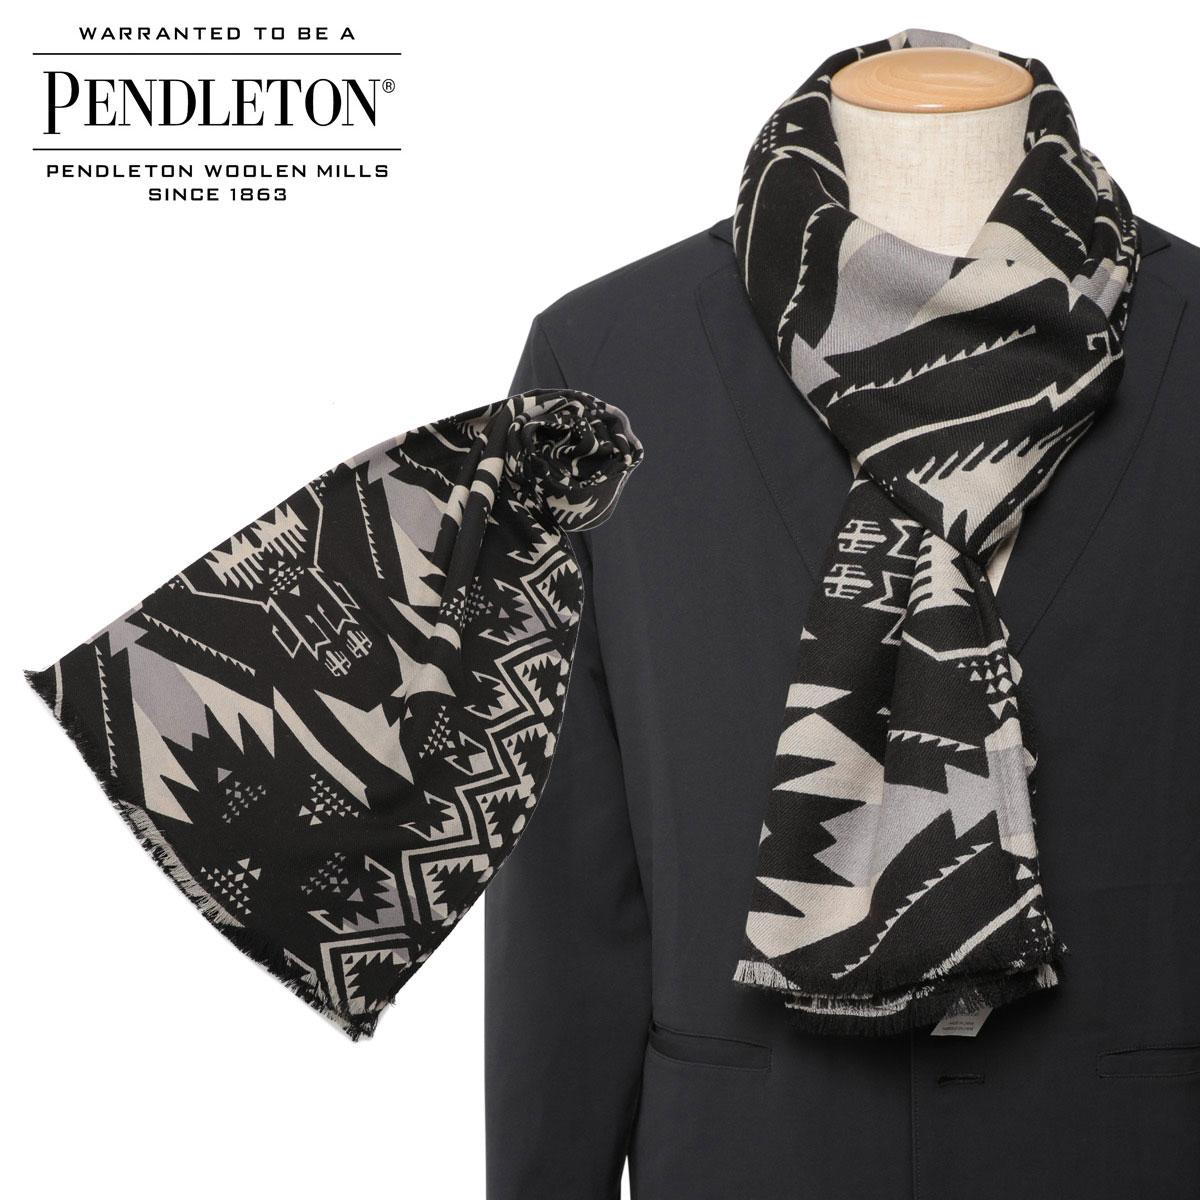 PENDLETON マフラー ペンドルトン メンズ レディース 大判 ウール PRINTED SCARF ブラック 黒 GS755